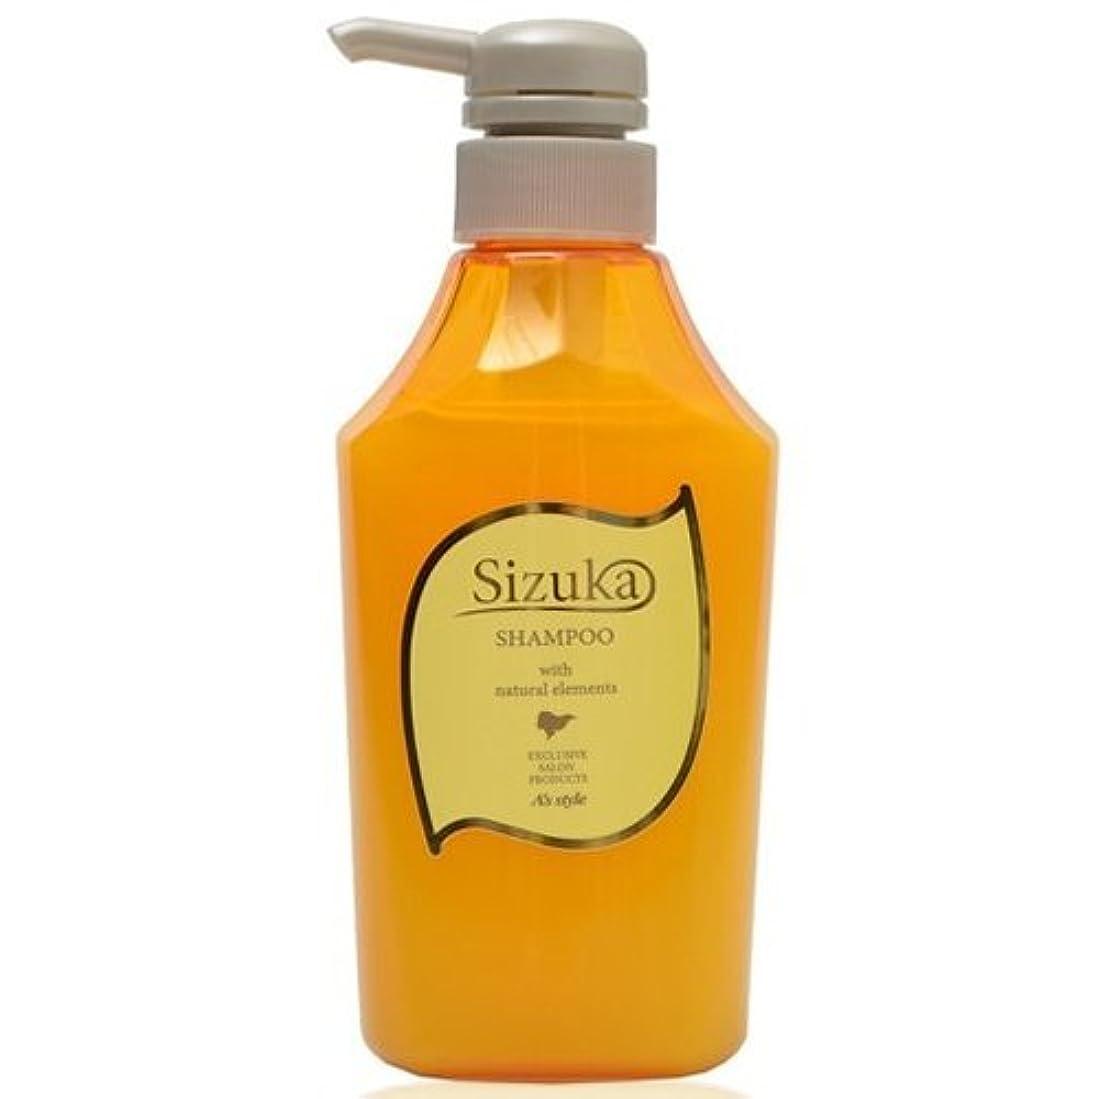 アズスタイル Sizuka/雫髪(シズカ)【シャンプー】細い髪用/ボトルタイプ/ 400mL